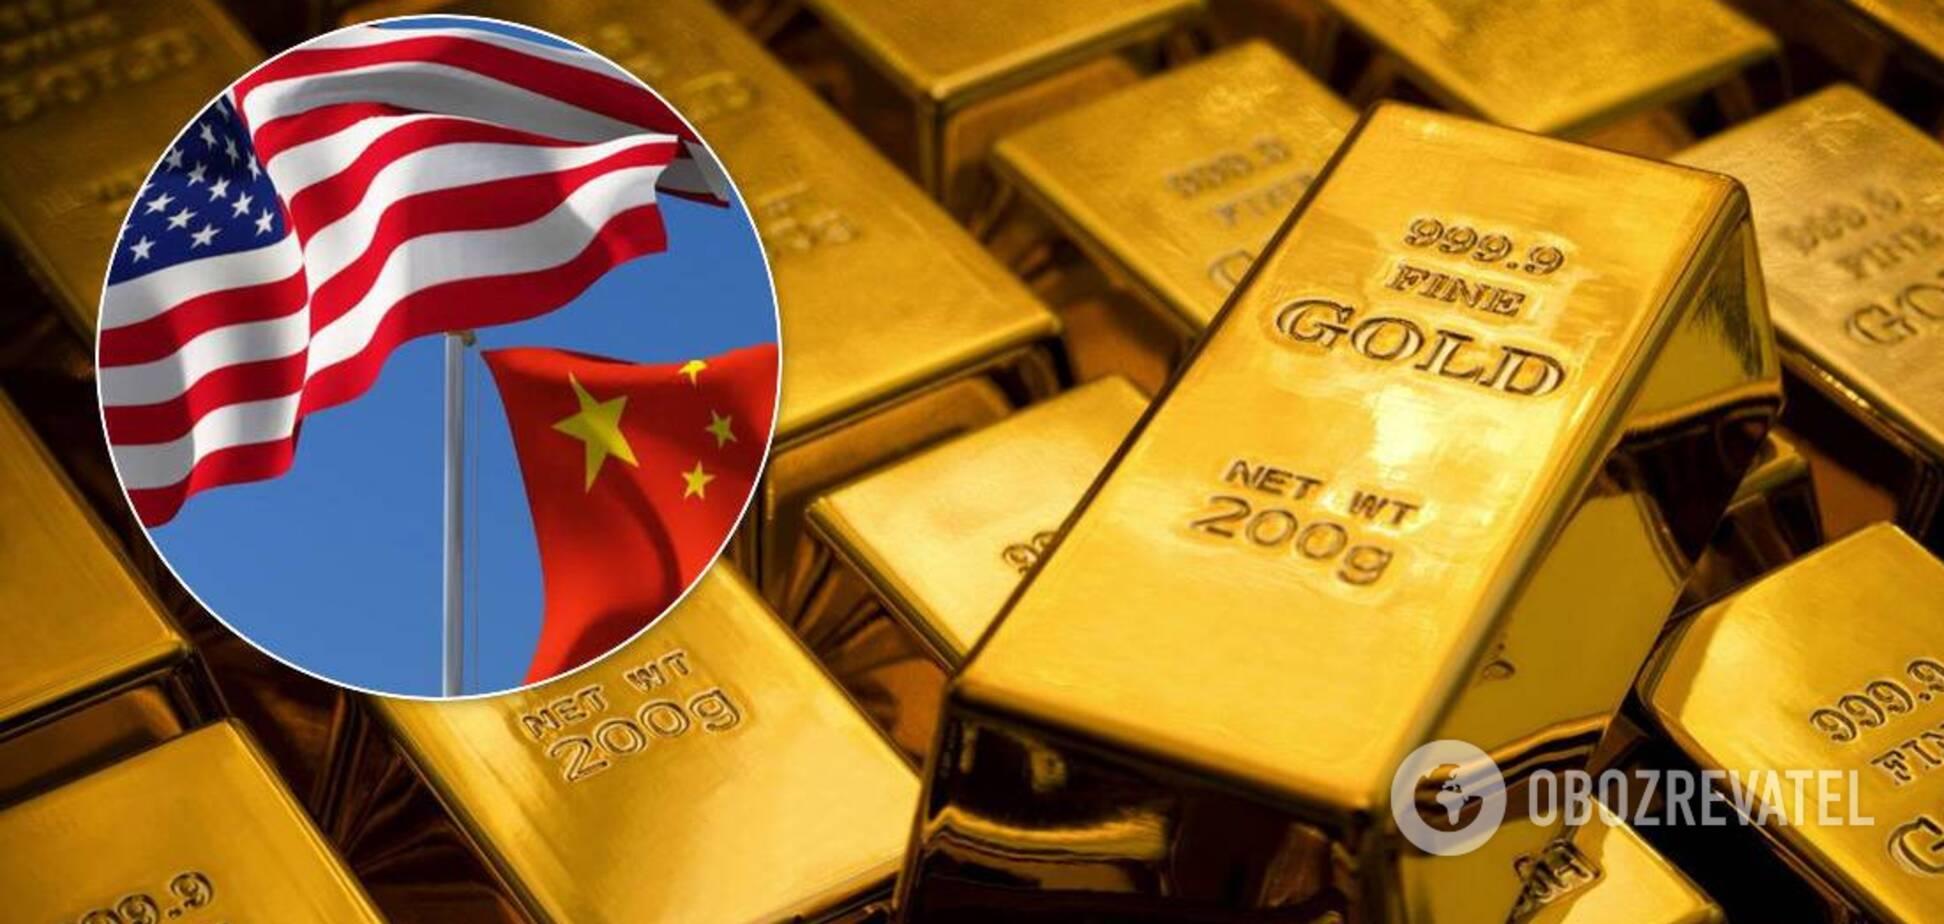 Ціни на золото досягли максимуму через протистояння Сполучених Штатах Америки і Китаю. Джерело: колаж Обозревателя